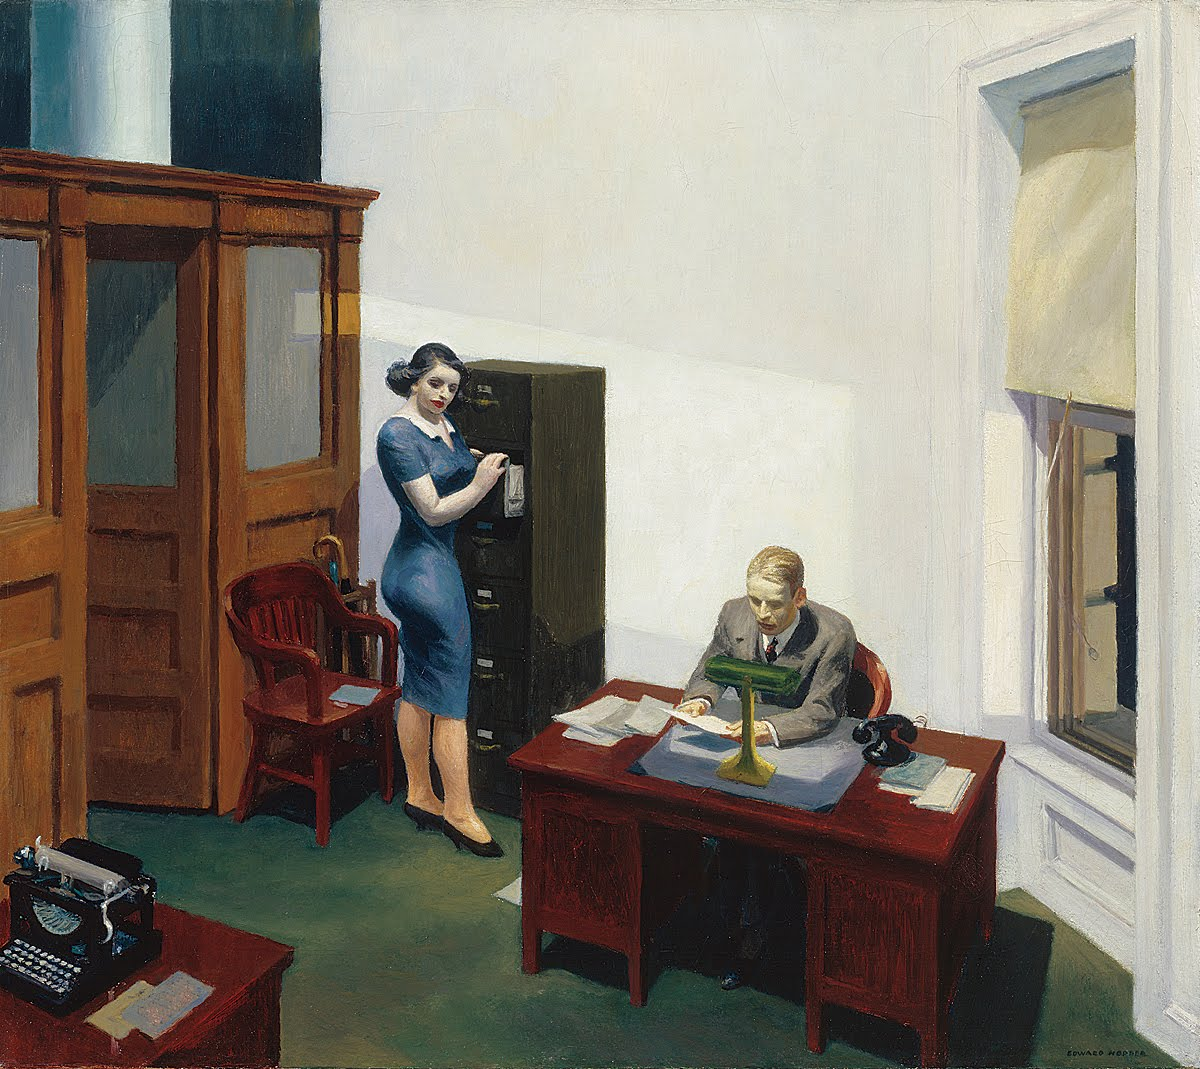 Hopper, Office at Night, 1940